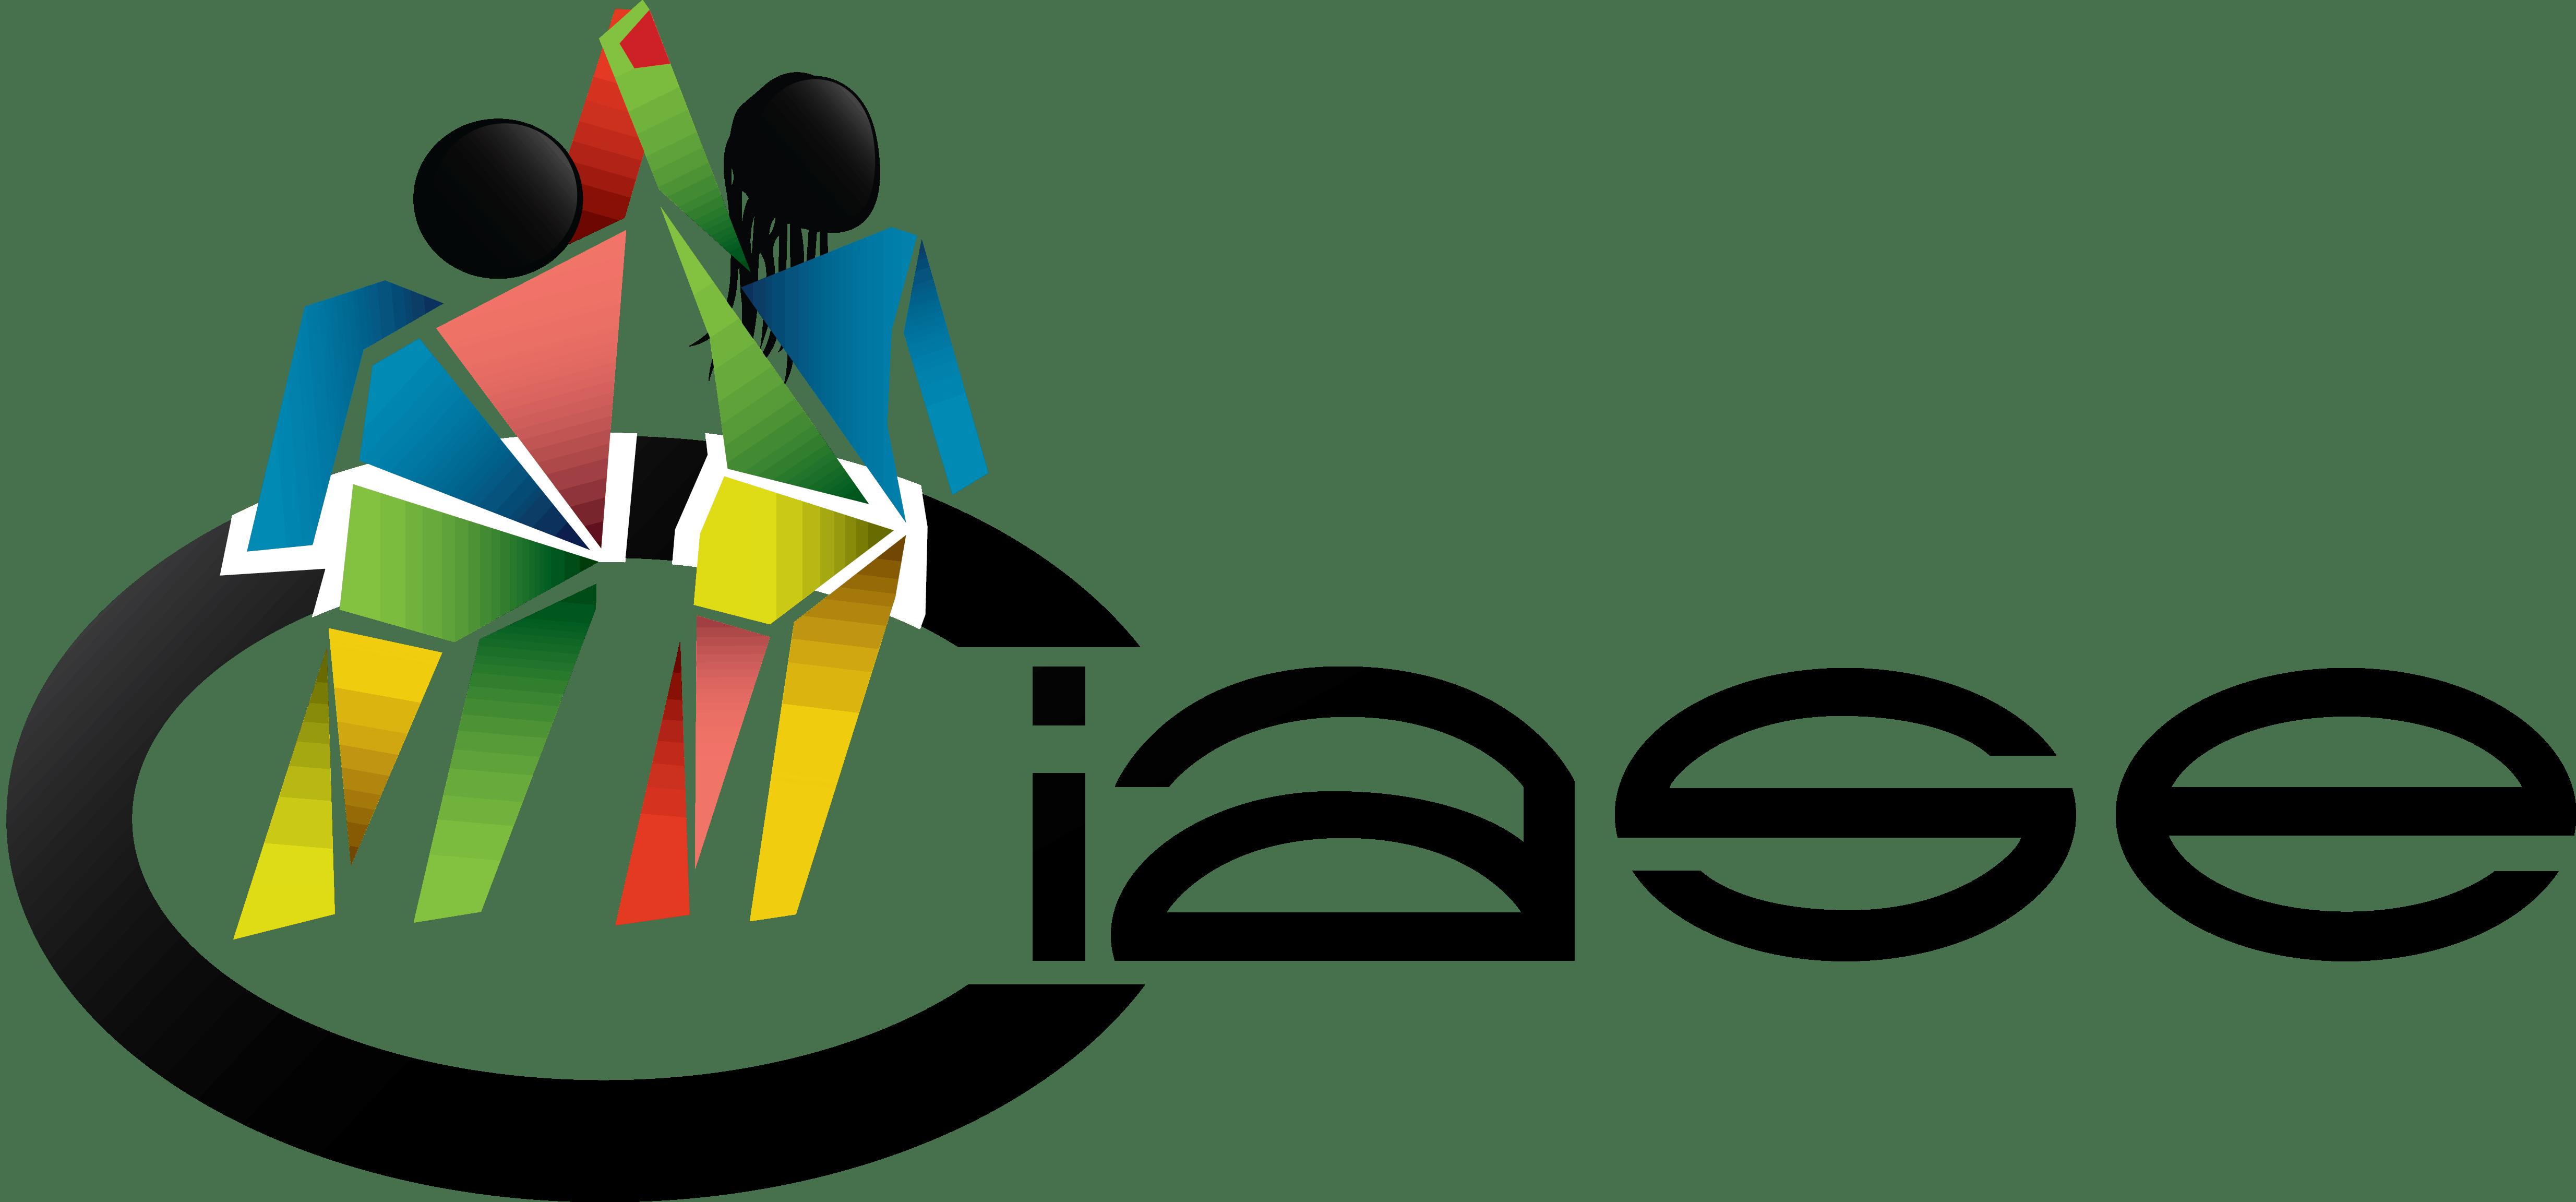 CIASE